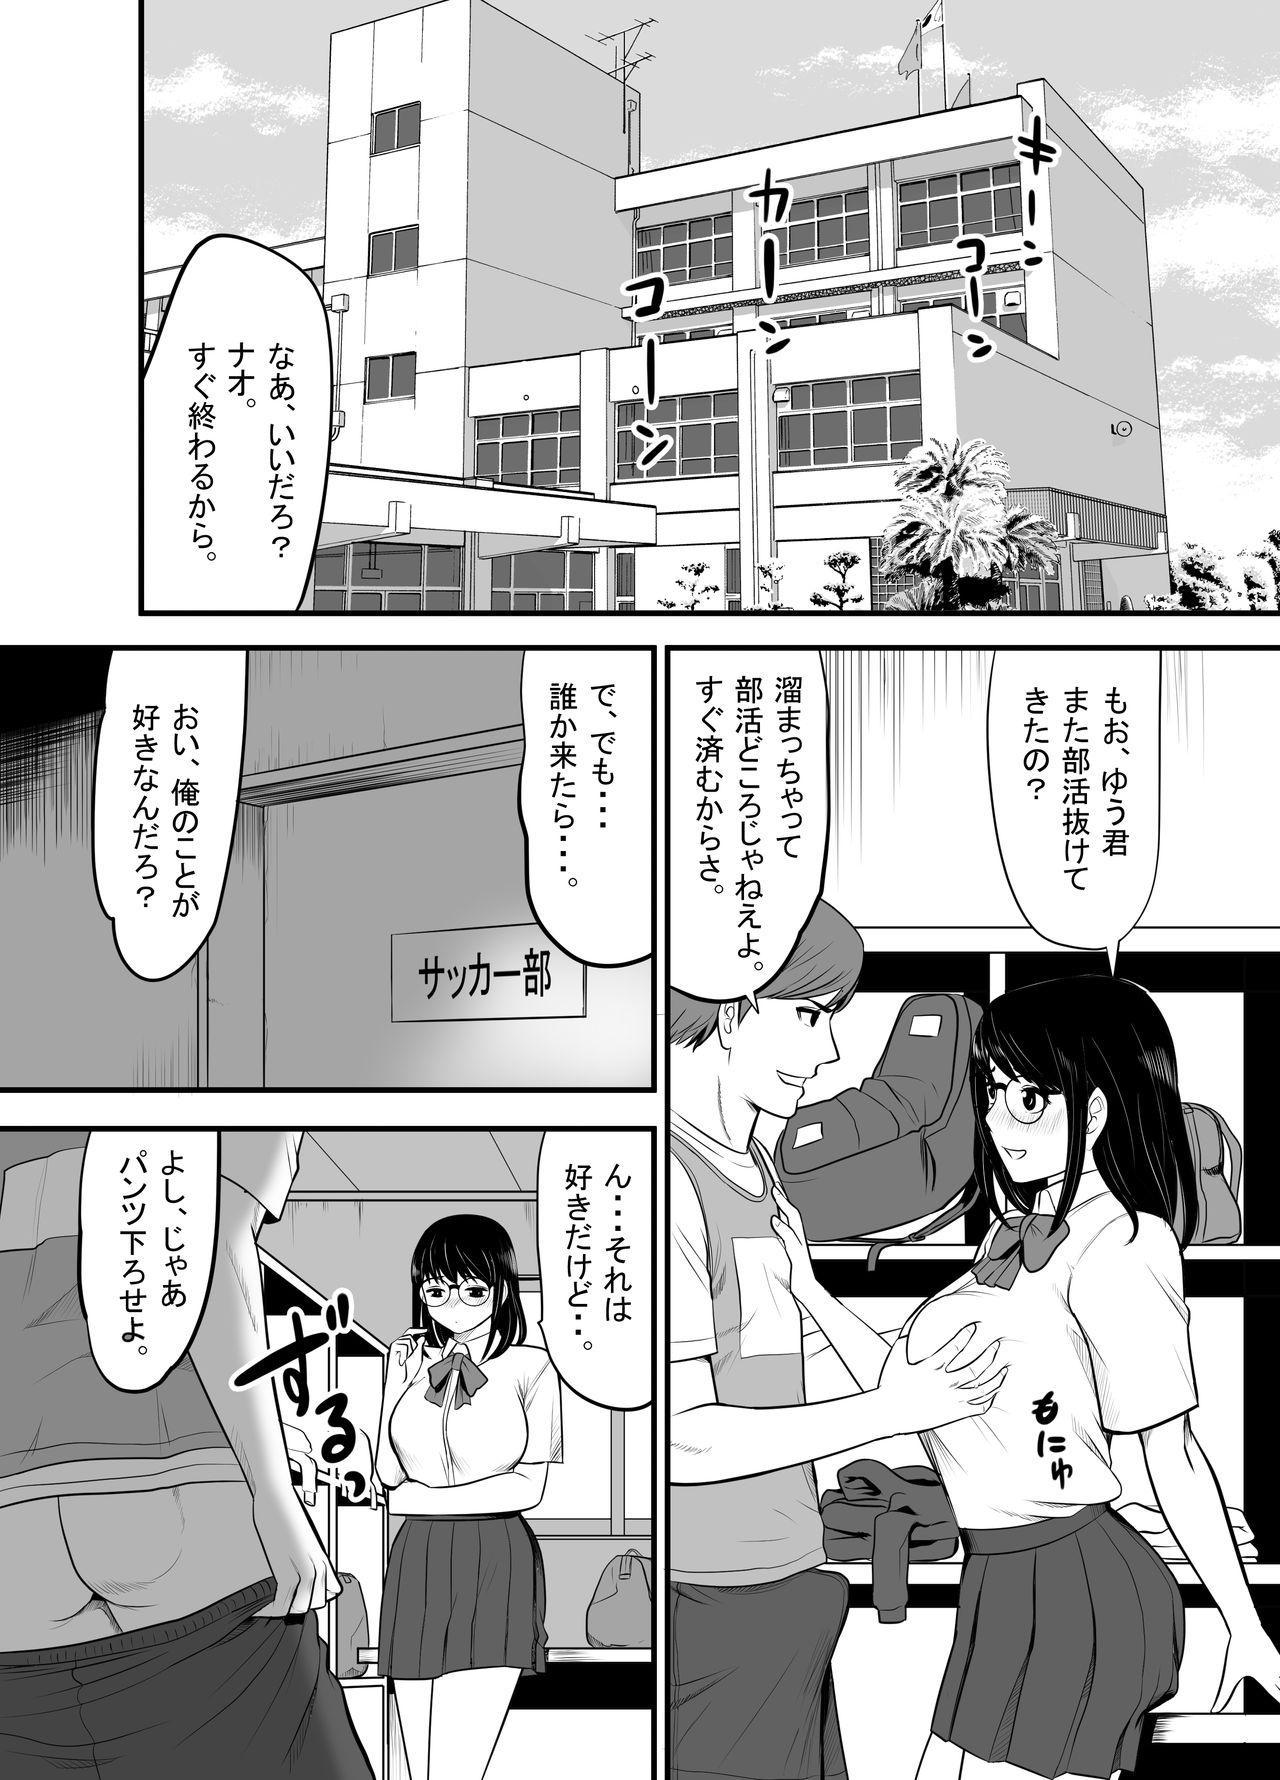 Namaiki na Danshi Seito ga Ita node Juujun na Kanojo o Kawari ni Otoshite yatta 2